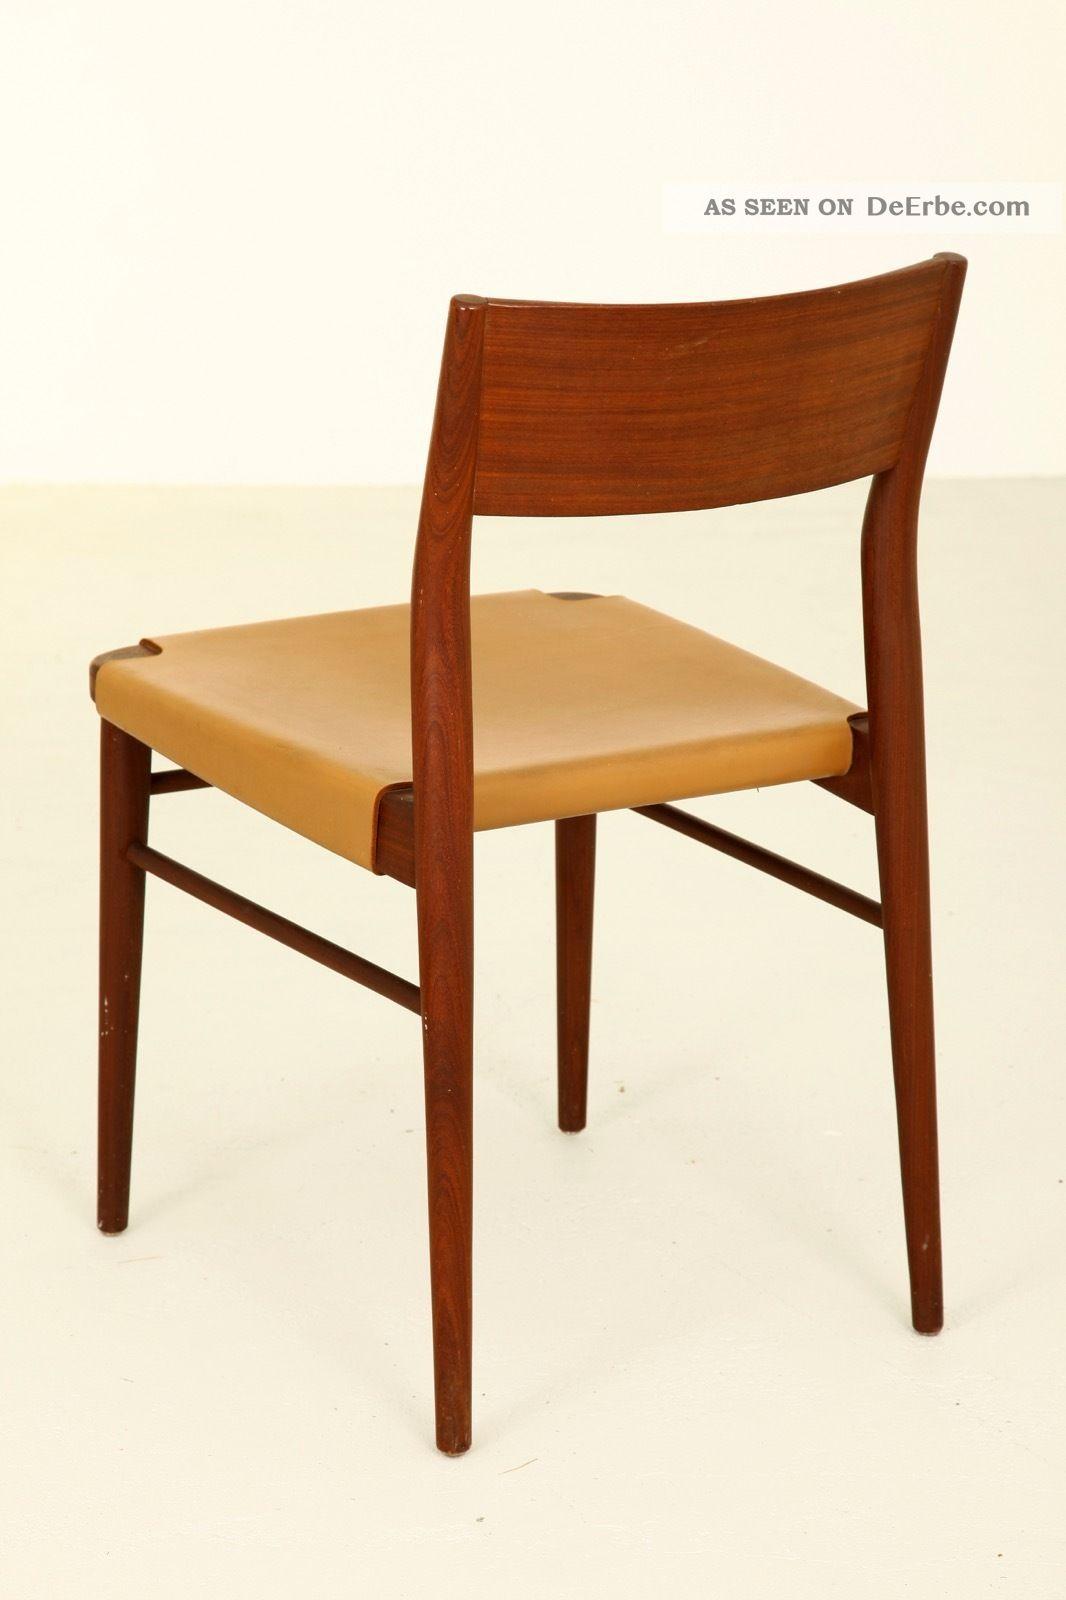 georg leowald teak chair modell 351 bauhaus deutscher werbund ulmer schule 1955. Black Bedroom Furniture Sets. Home Design Ideas